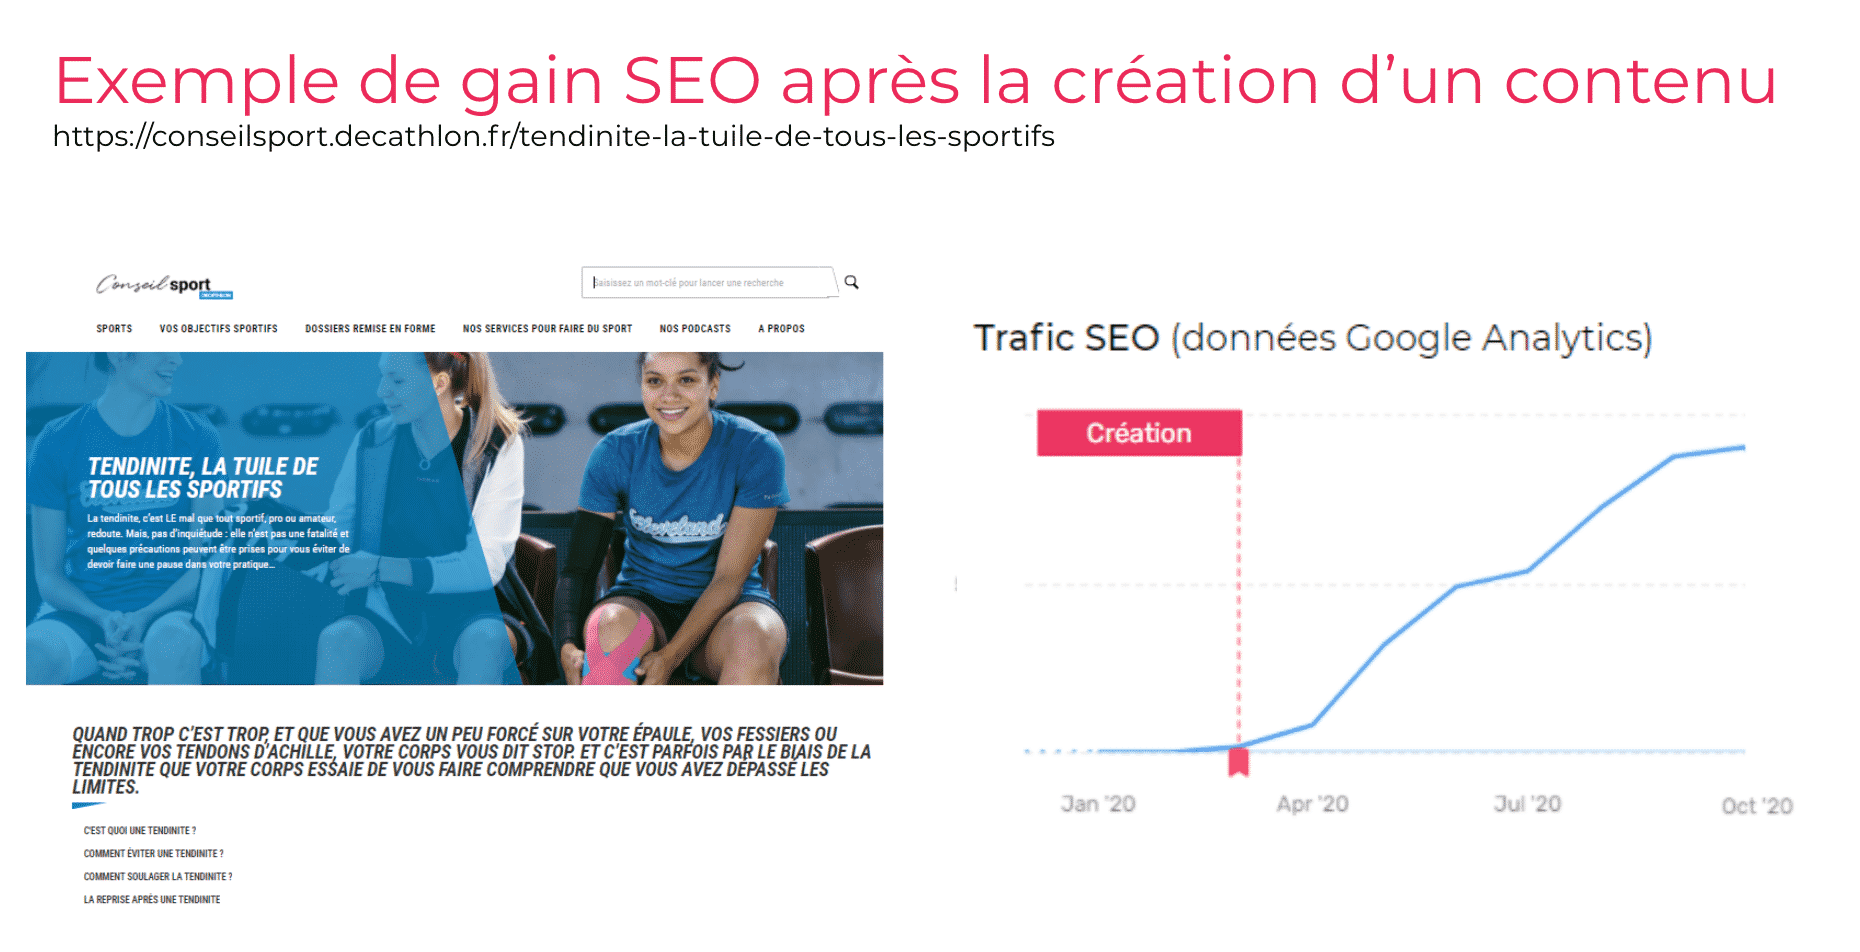 Exemple de gain seo après la création de contenu